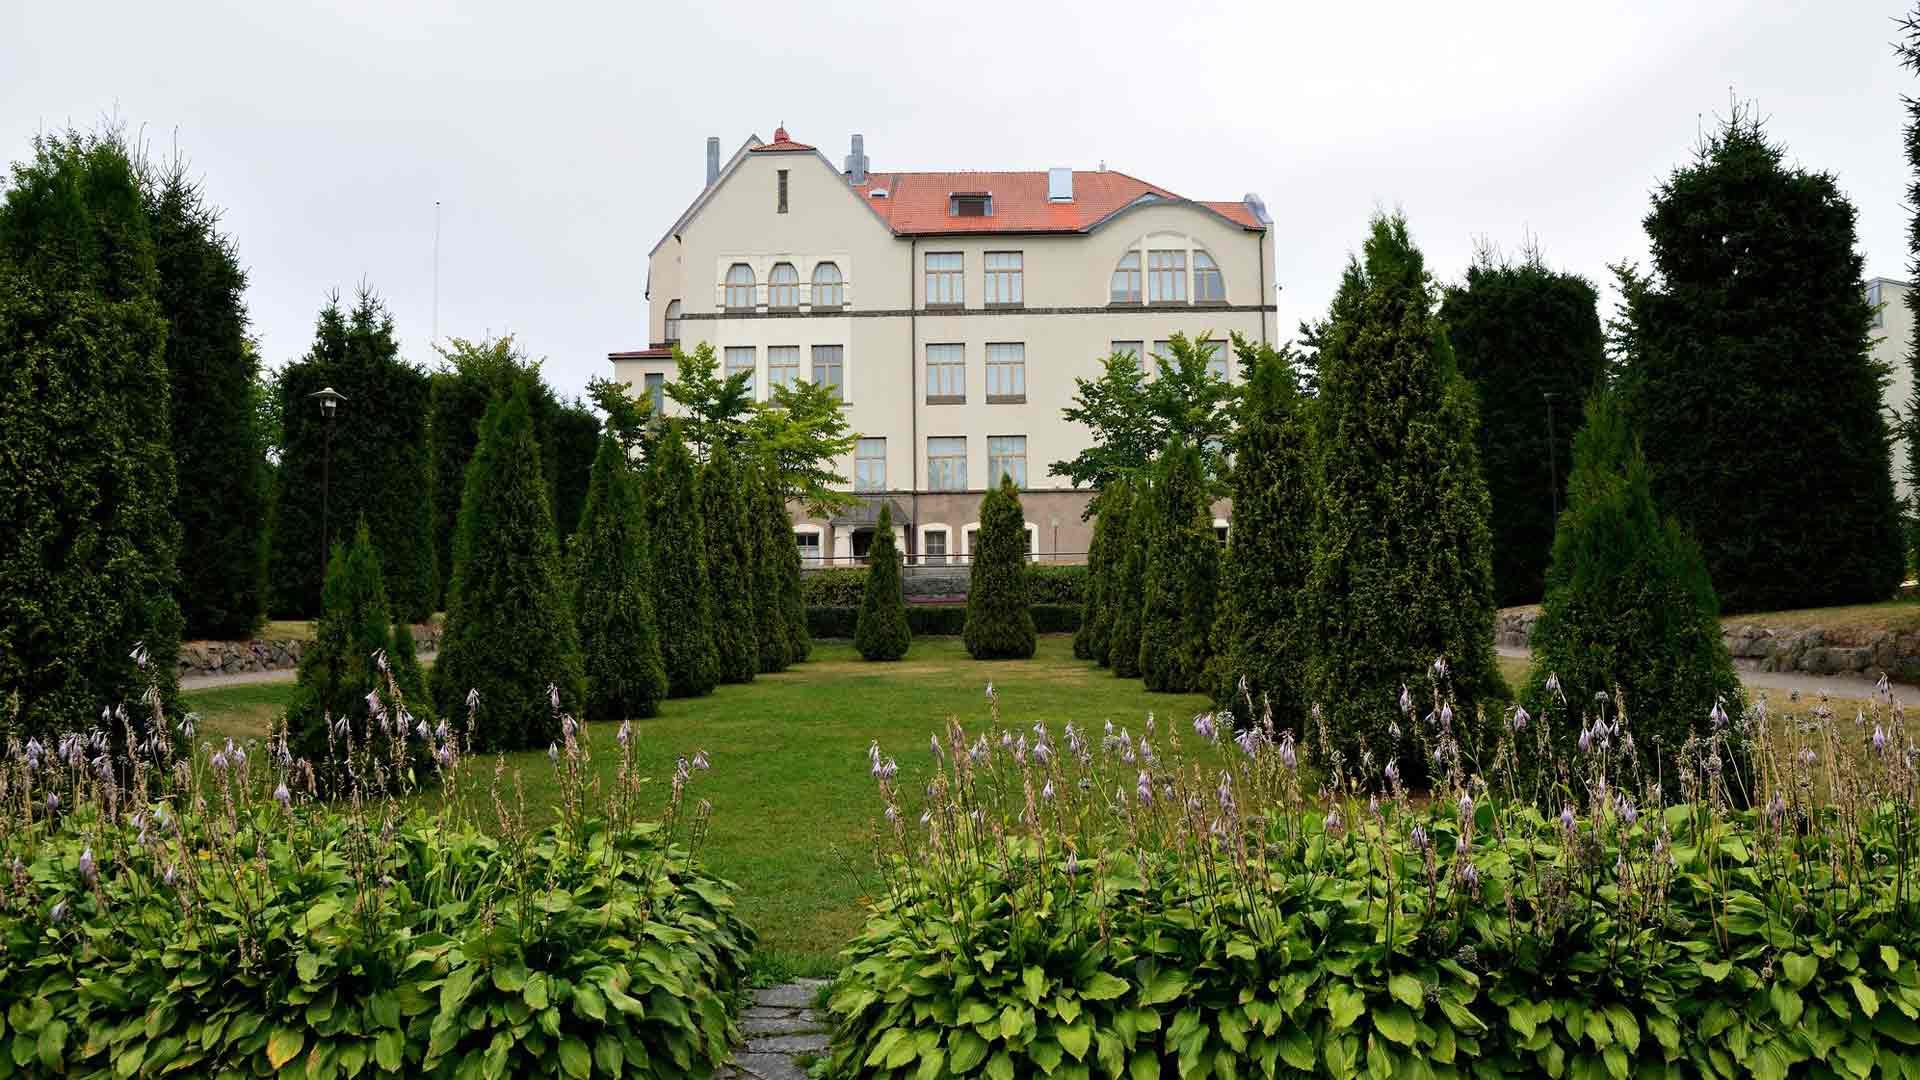 Apteekkarin ja teollisuusmiehen Viktor Schaumanin ja hänen vaimonsa Elisen muistoksi perustetussa Koulupuistossa voi opiskella kasvien lääkinnällisiä vaikutuksia.